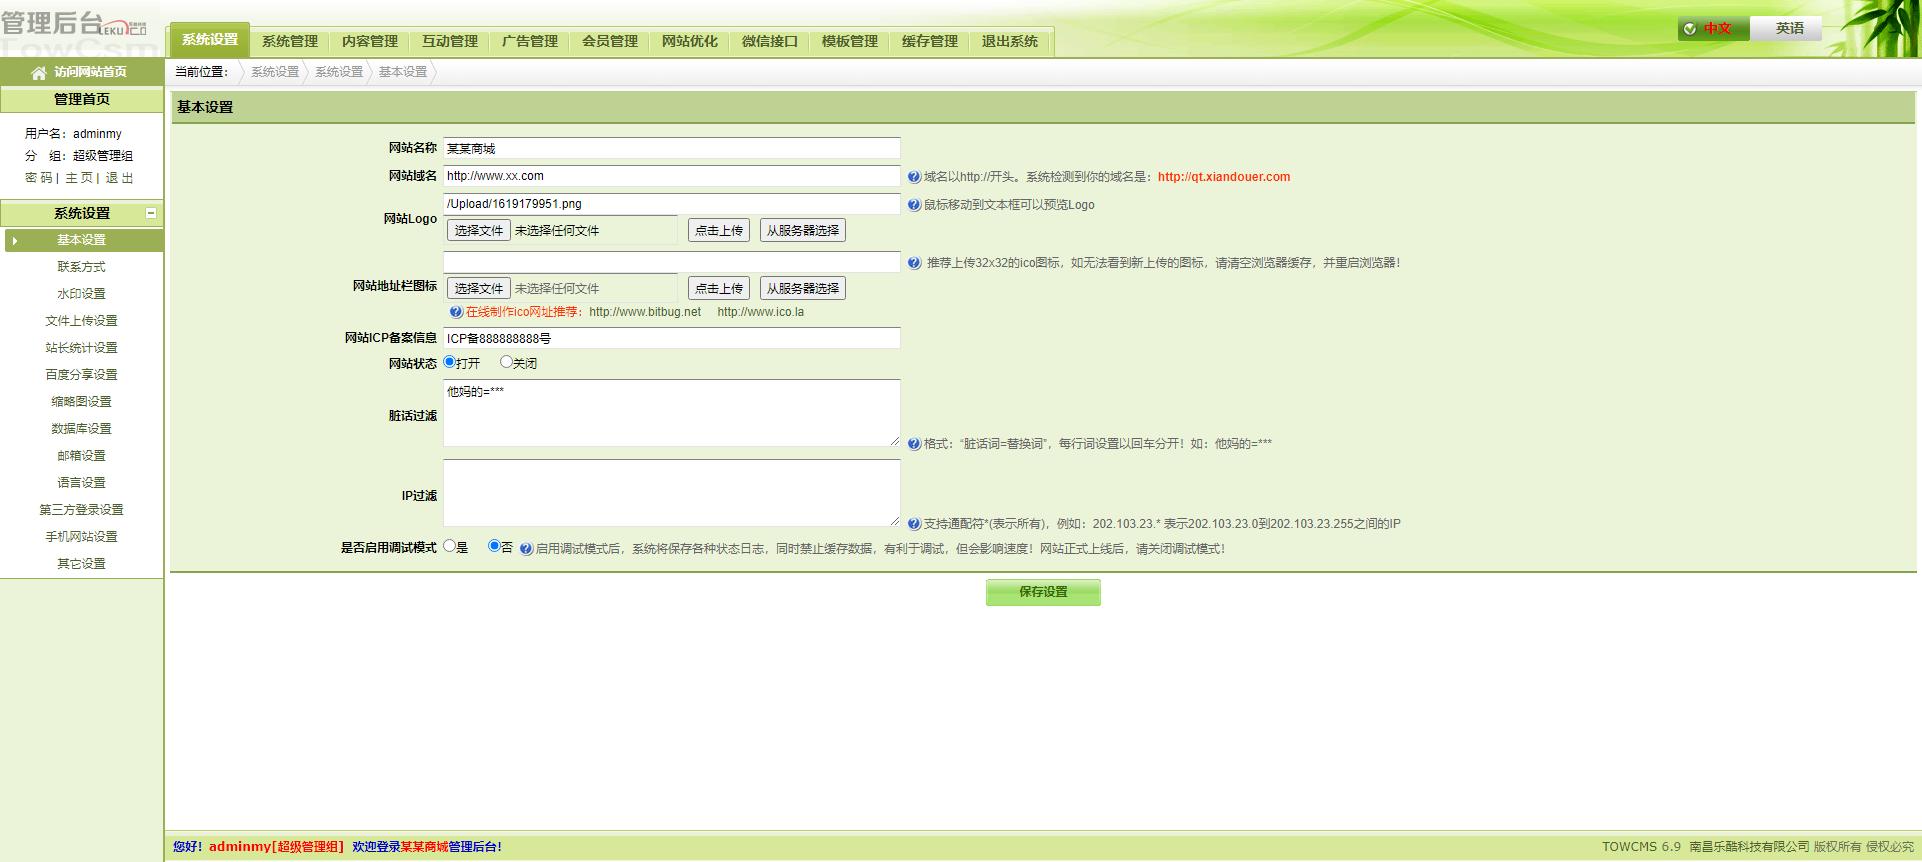 亲测丨PHP仿当当网PC+wap红色风格购物商城网站源码下载